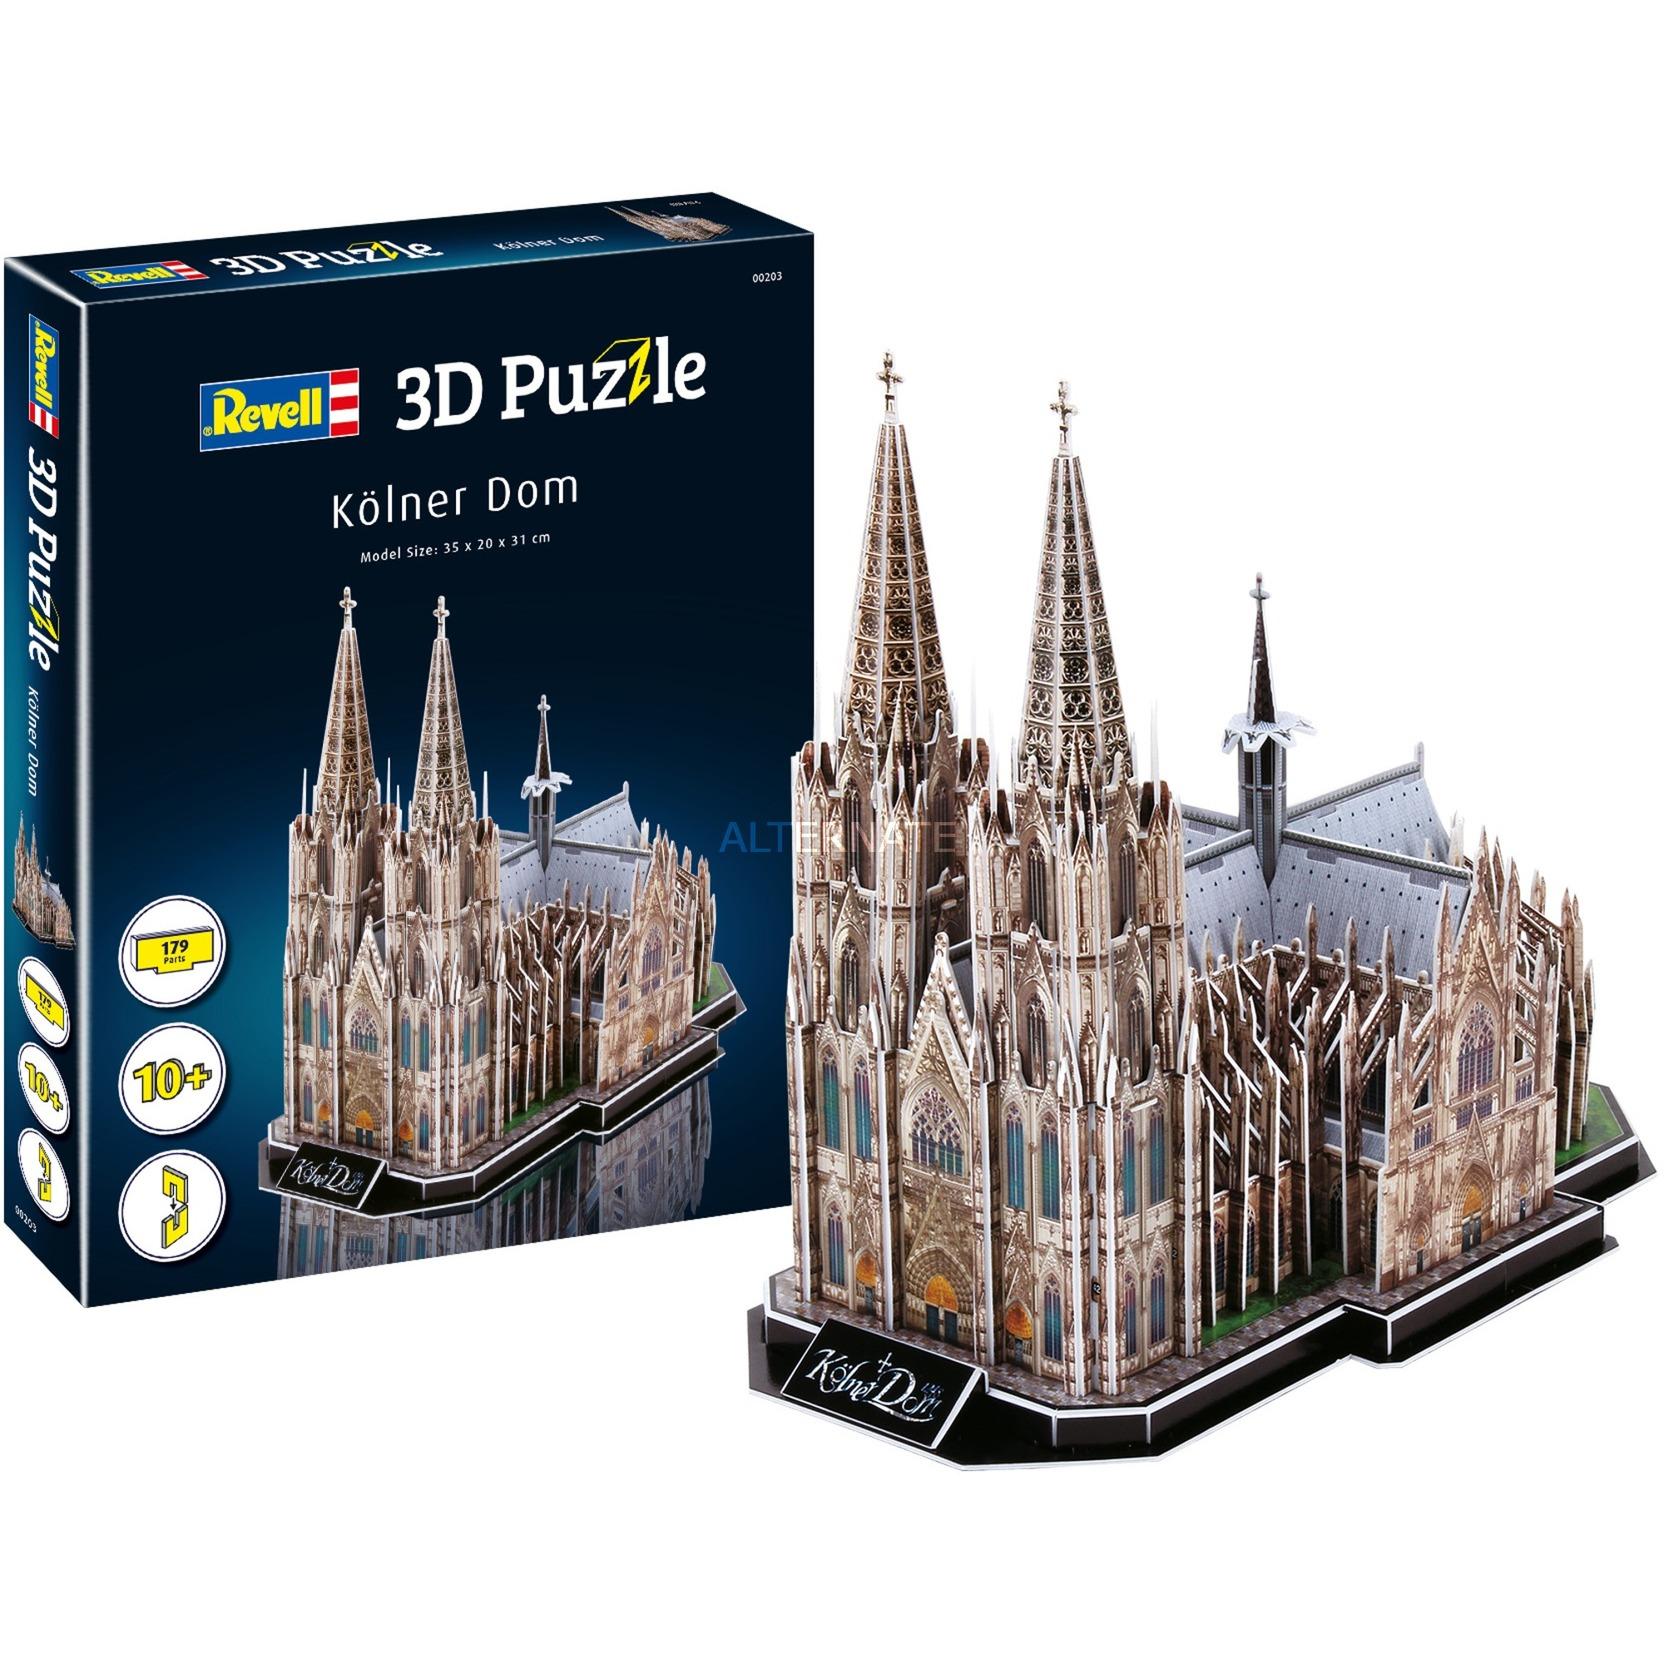 00203, Puzzle